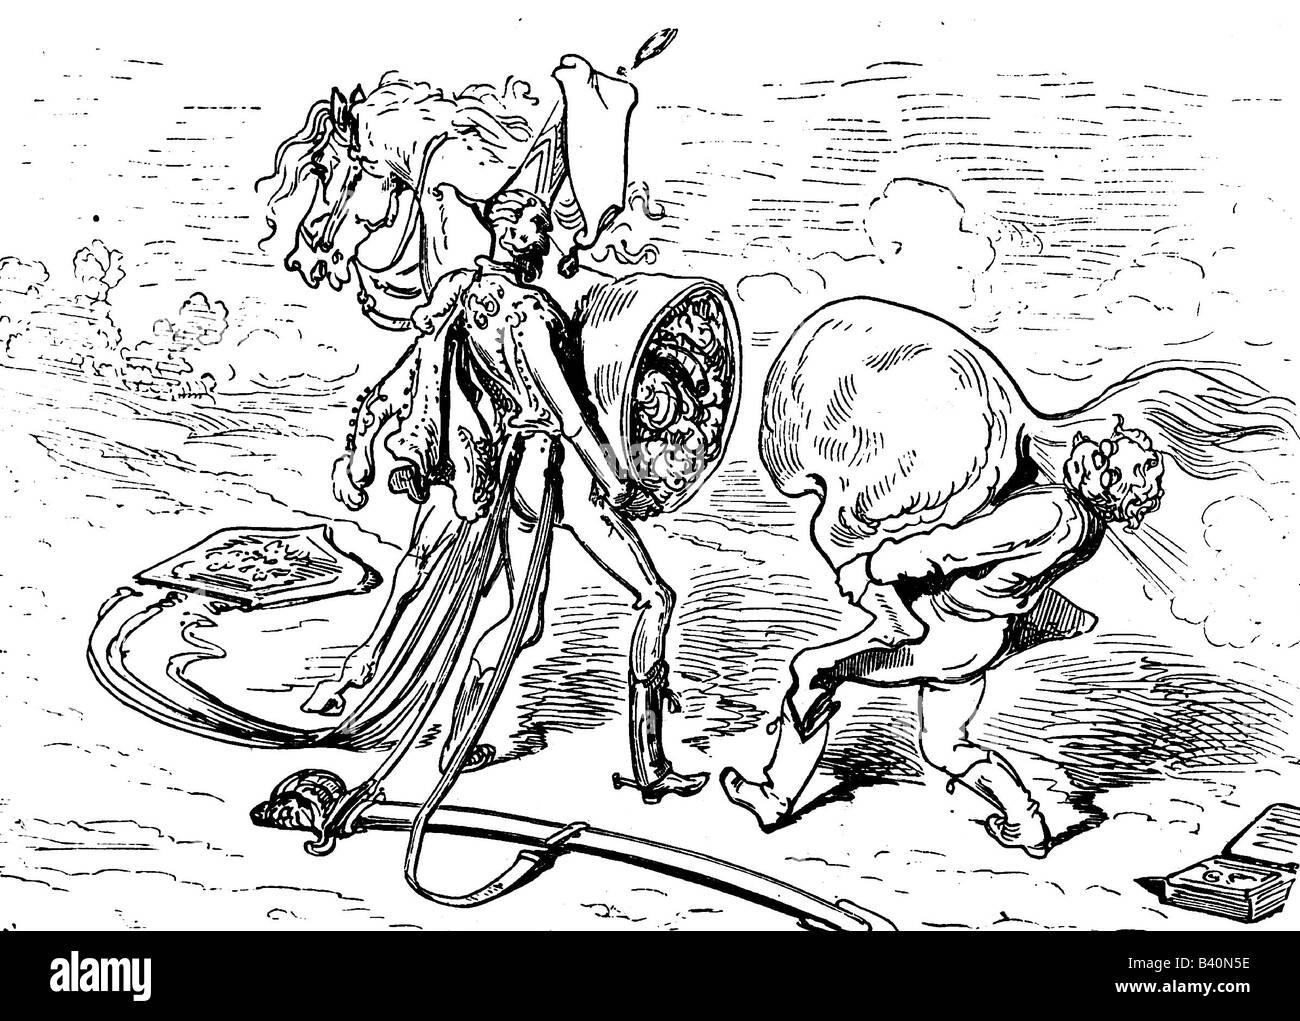 Münchhausen, Baron Karl Friedrich Hieronymus, Freiherr von, 11.5.1720 - 22.2.1797, Szene aus seinen Abenteuern: Pferd reparieren, Holzgravur 19. Jahrhundert, Stockfoto